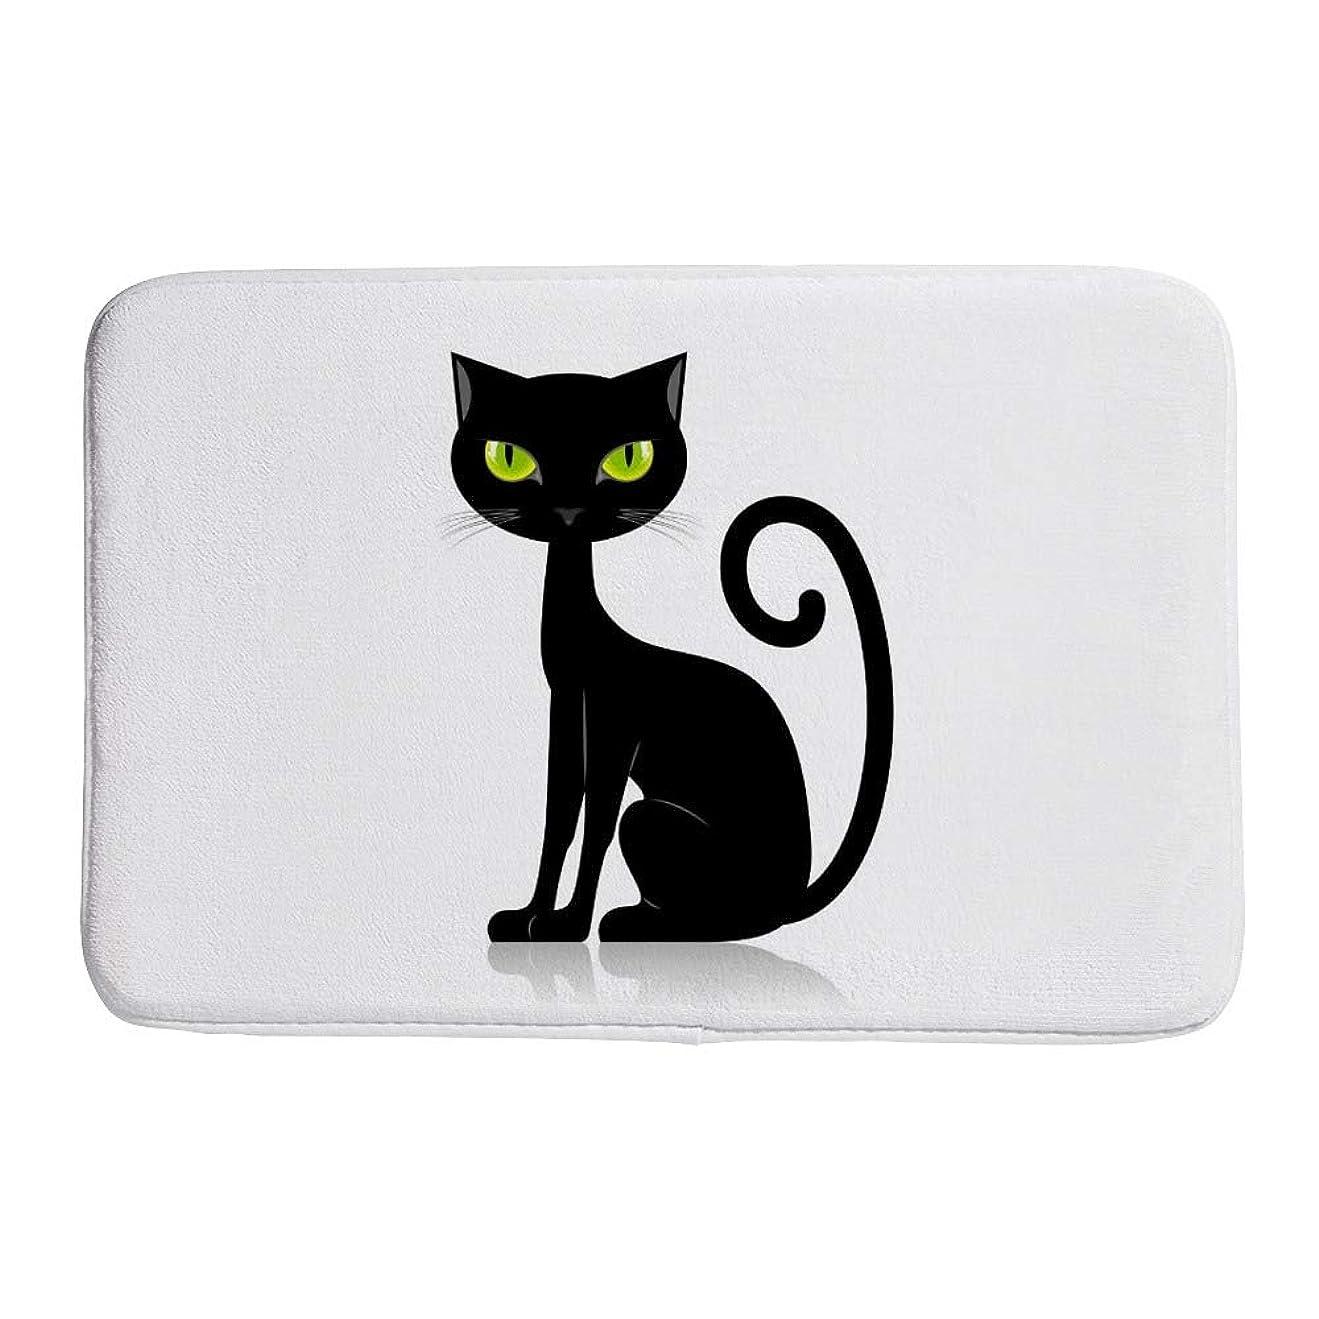 課税目立つ適応的ZHONGJI 玄関マット エントランスドアマット バスルームドアマット キッチンマット 泥落とし 吸水 汚れに強い 屋内 屋外 黒猫